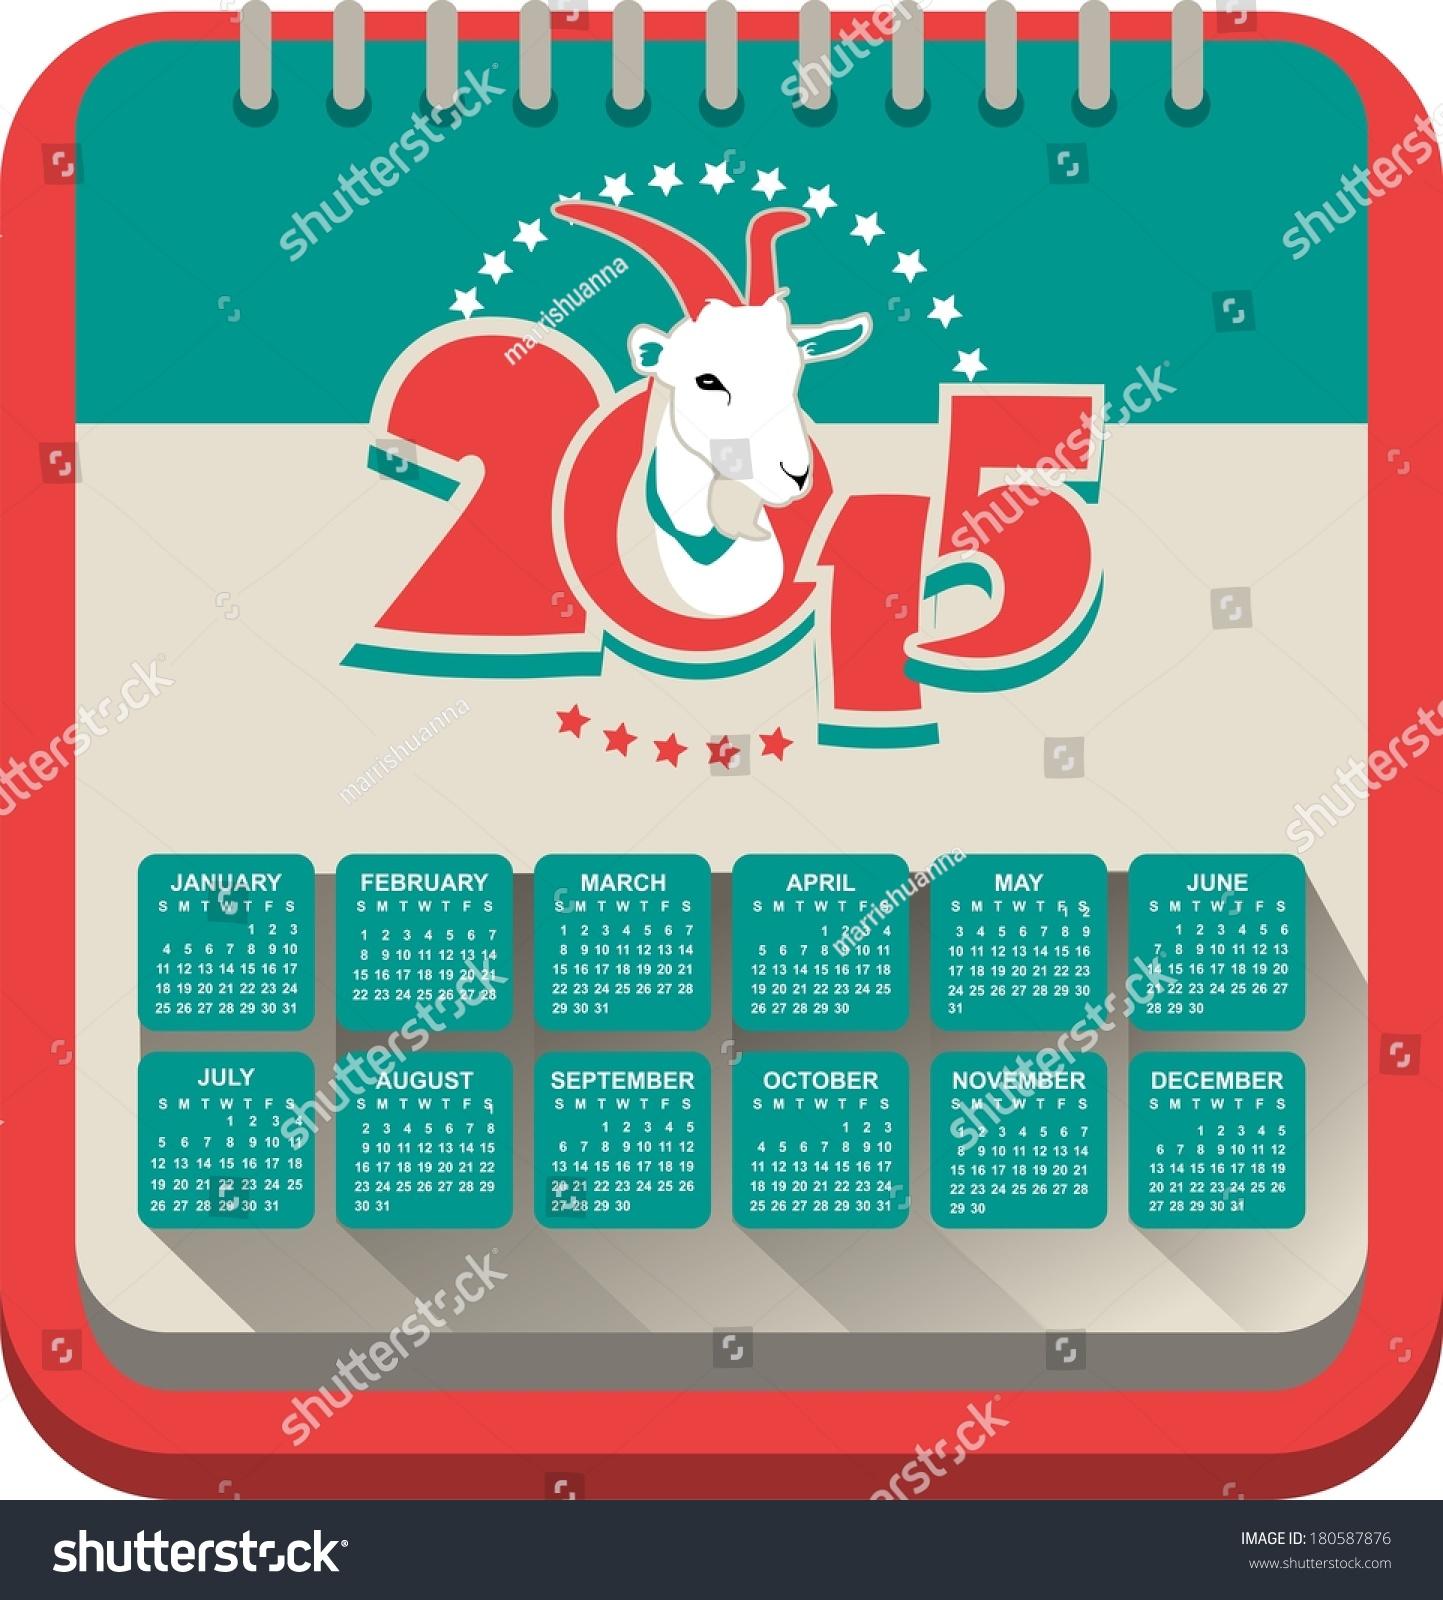 Text Calendar Template 2015 Calendar On Stock Photo Photo Vector